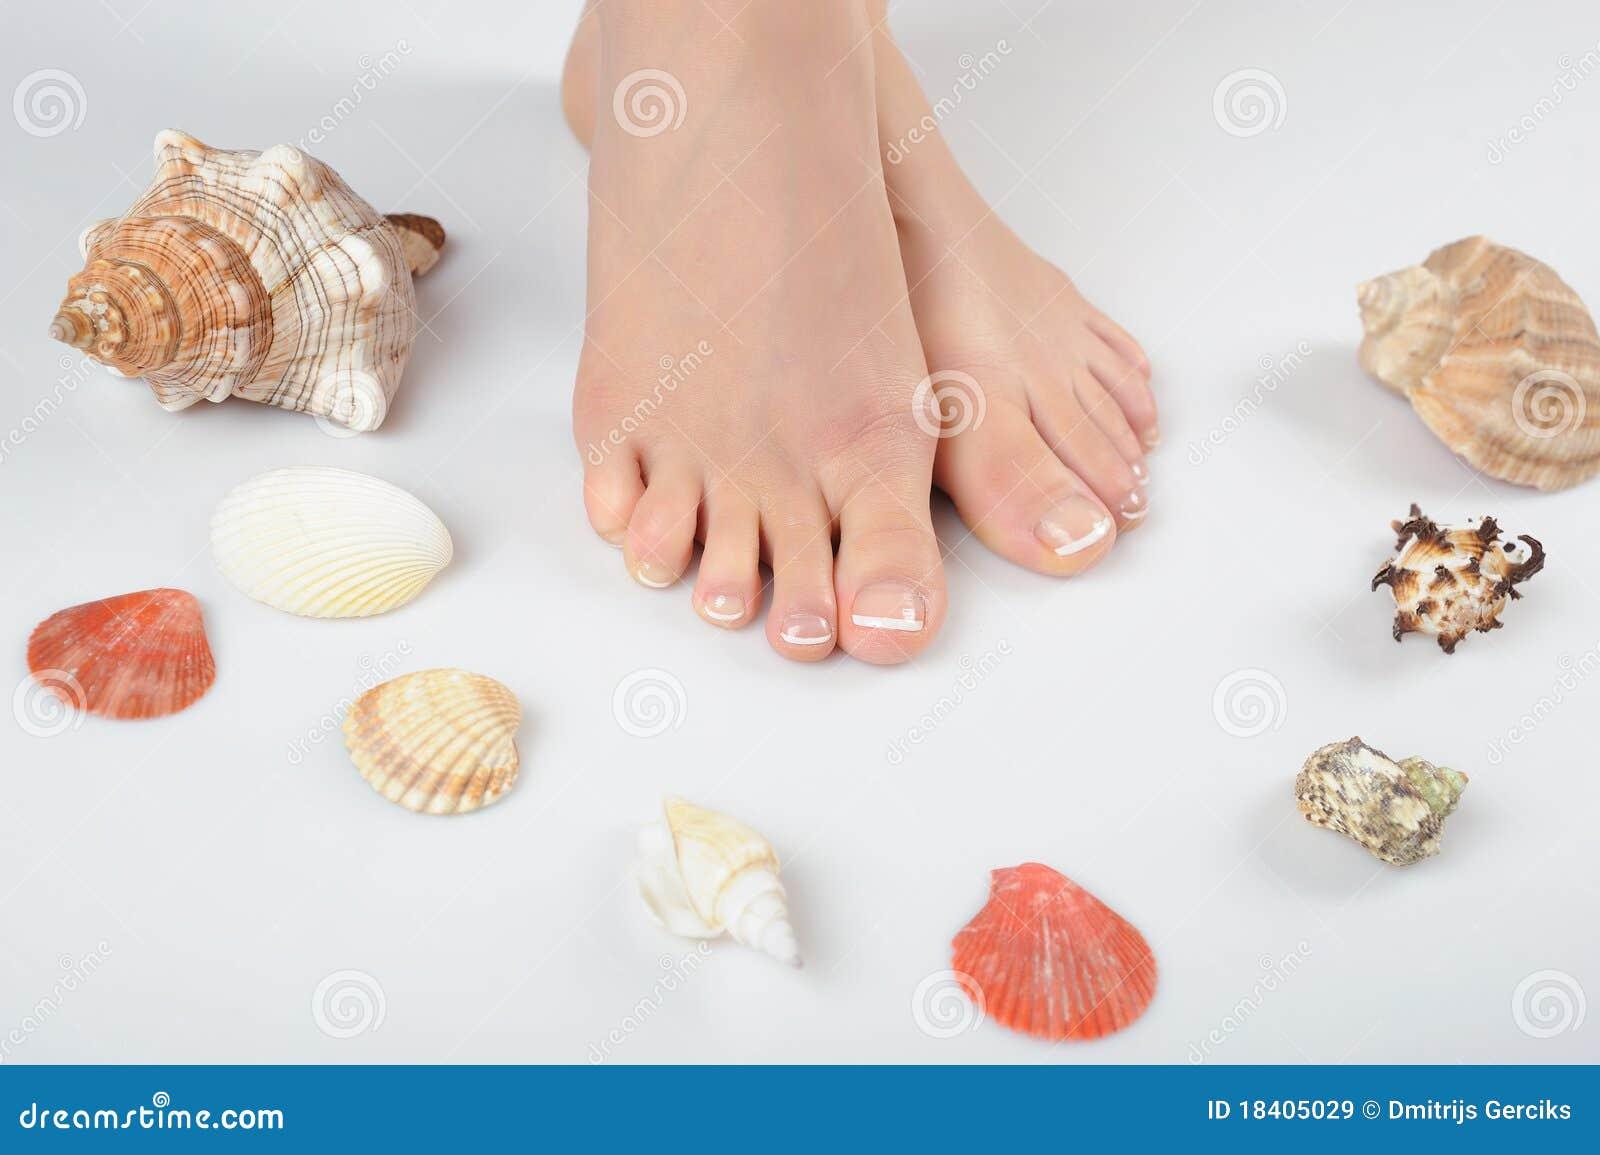 Pies hermosos con pedicure francés perfecto del balneario